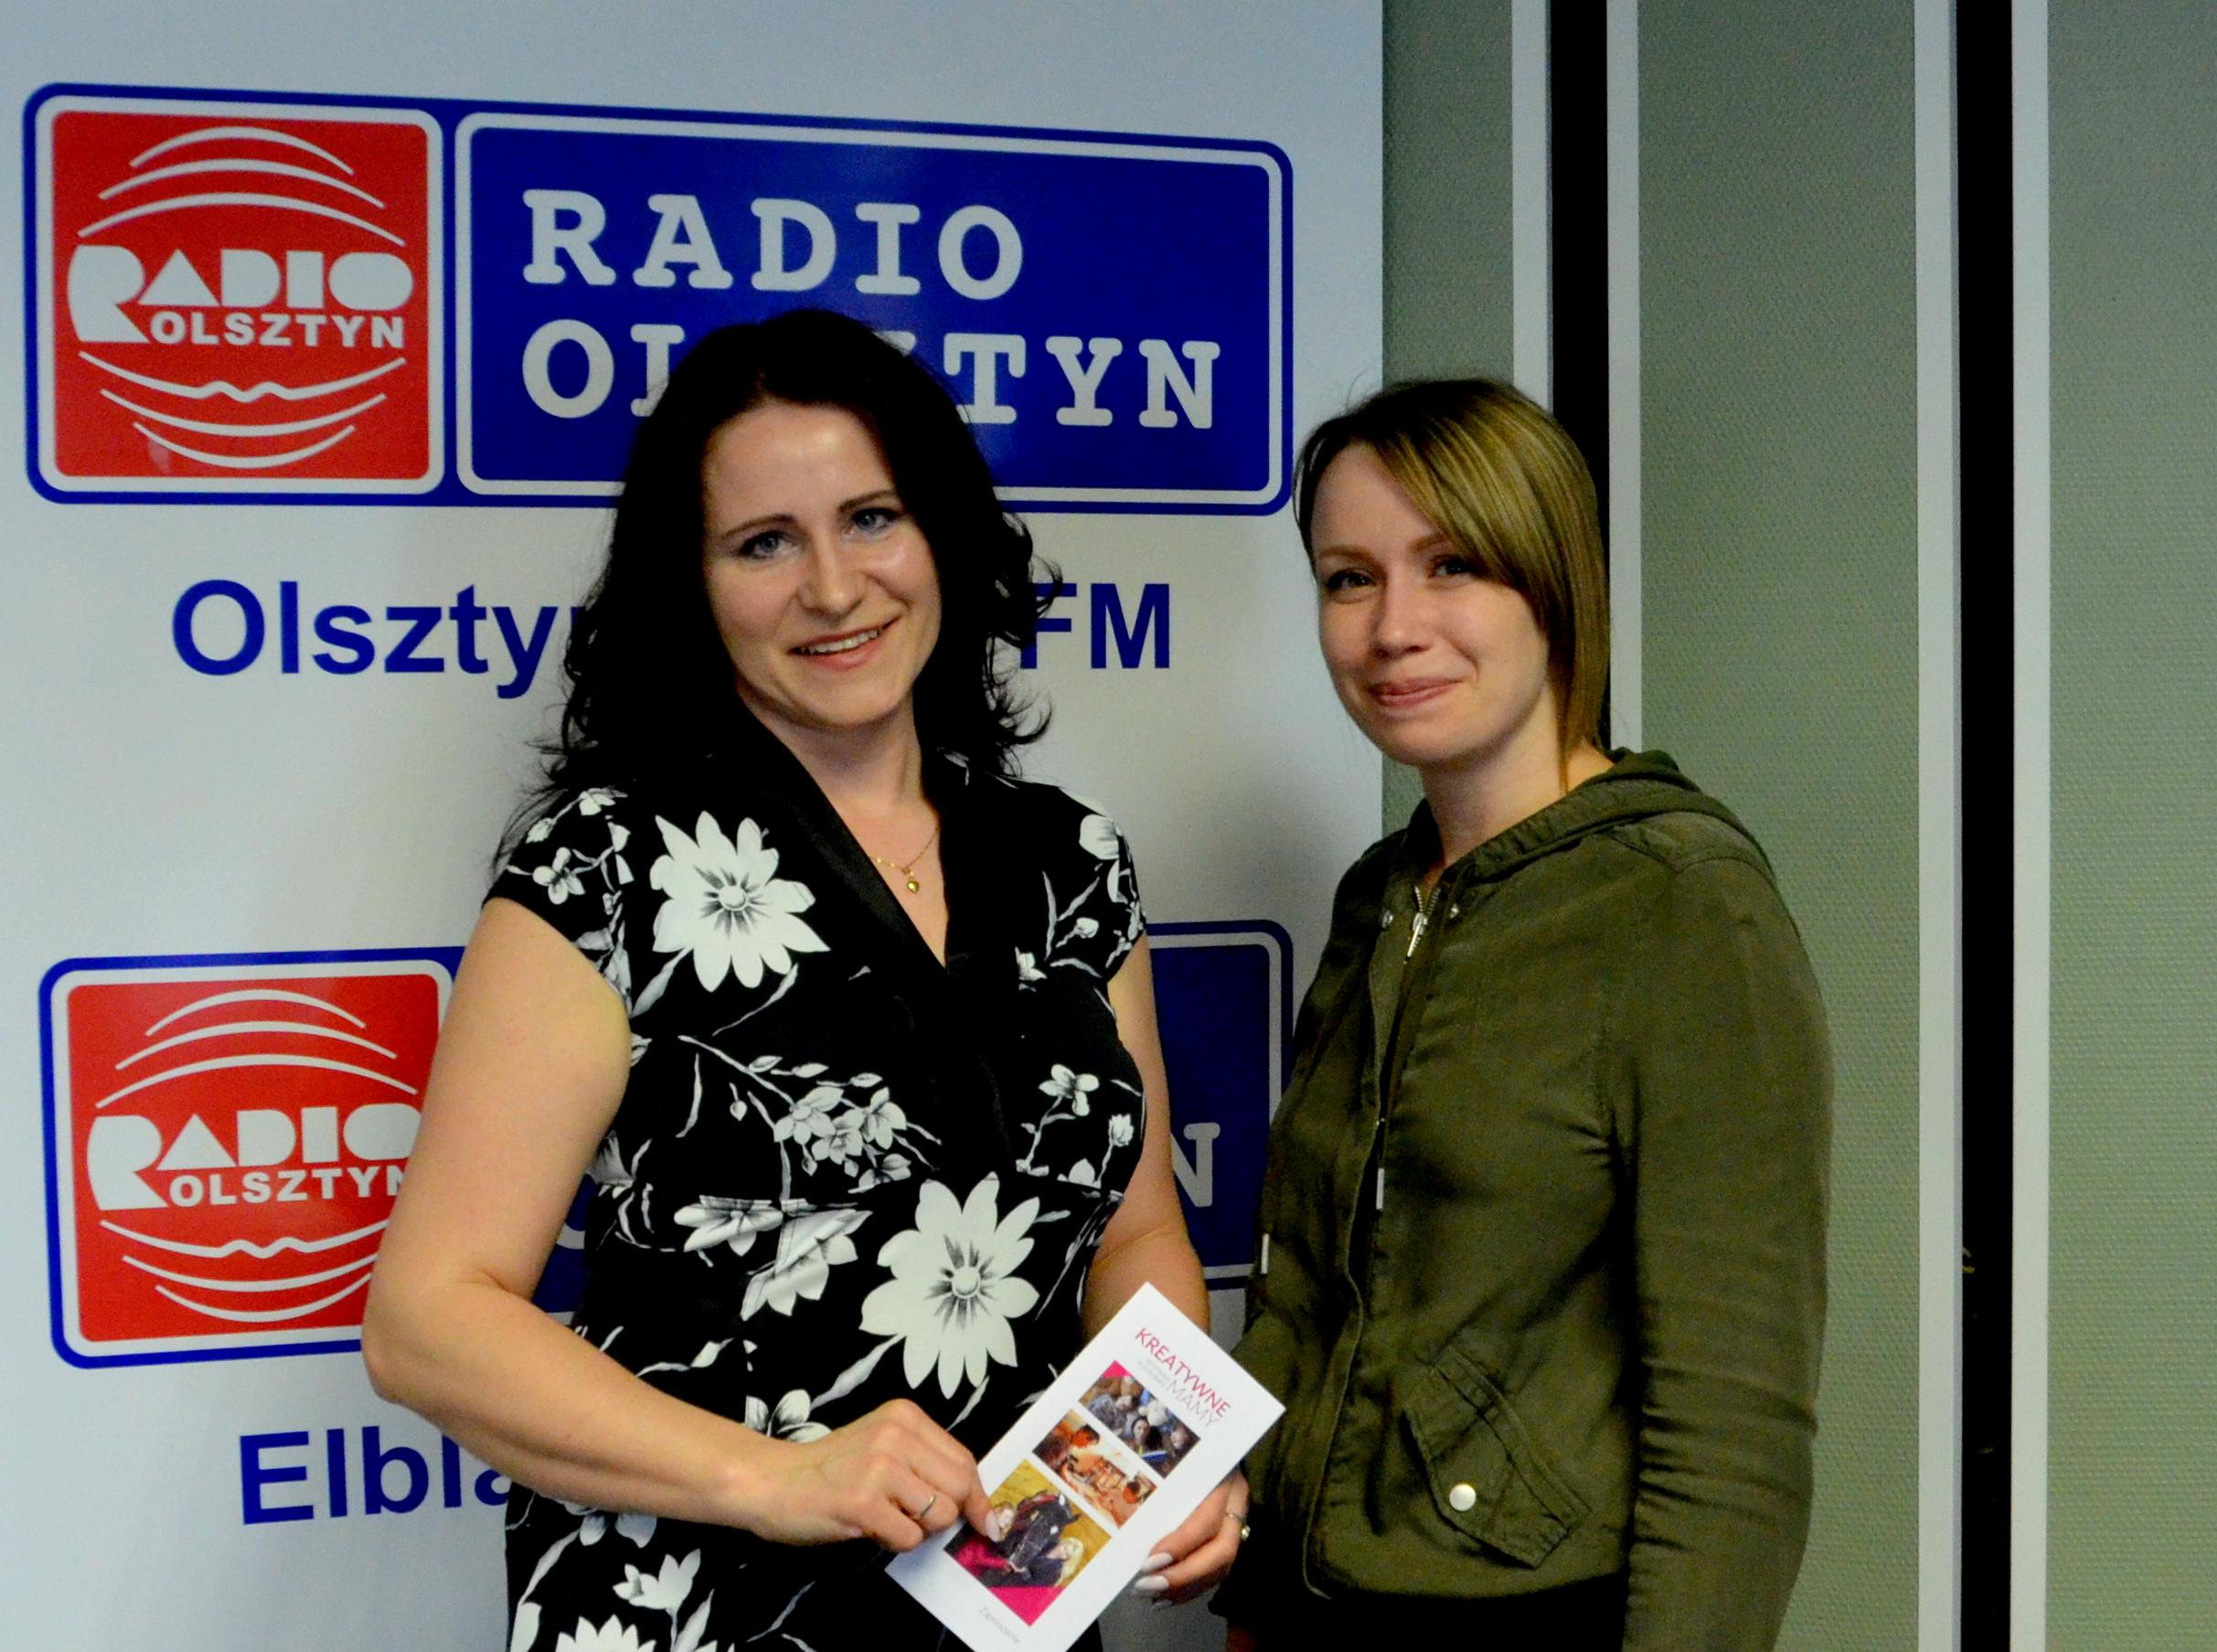 Na pamiątkę po nagraniu w Radio Olsztyn z panią Moniką Szczygło dziennikarką